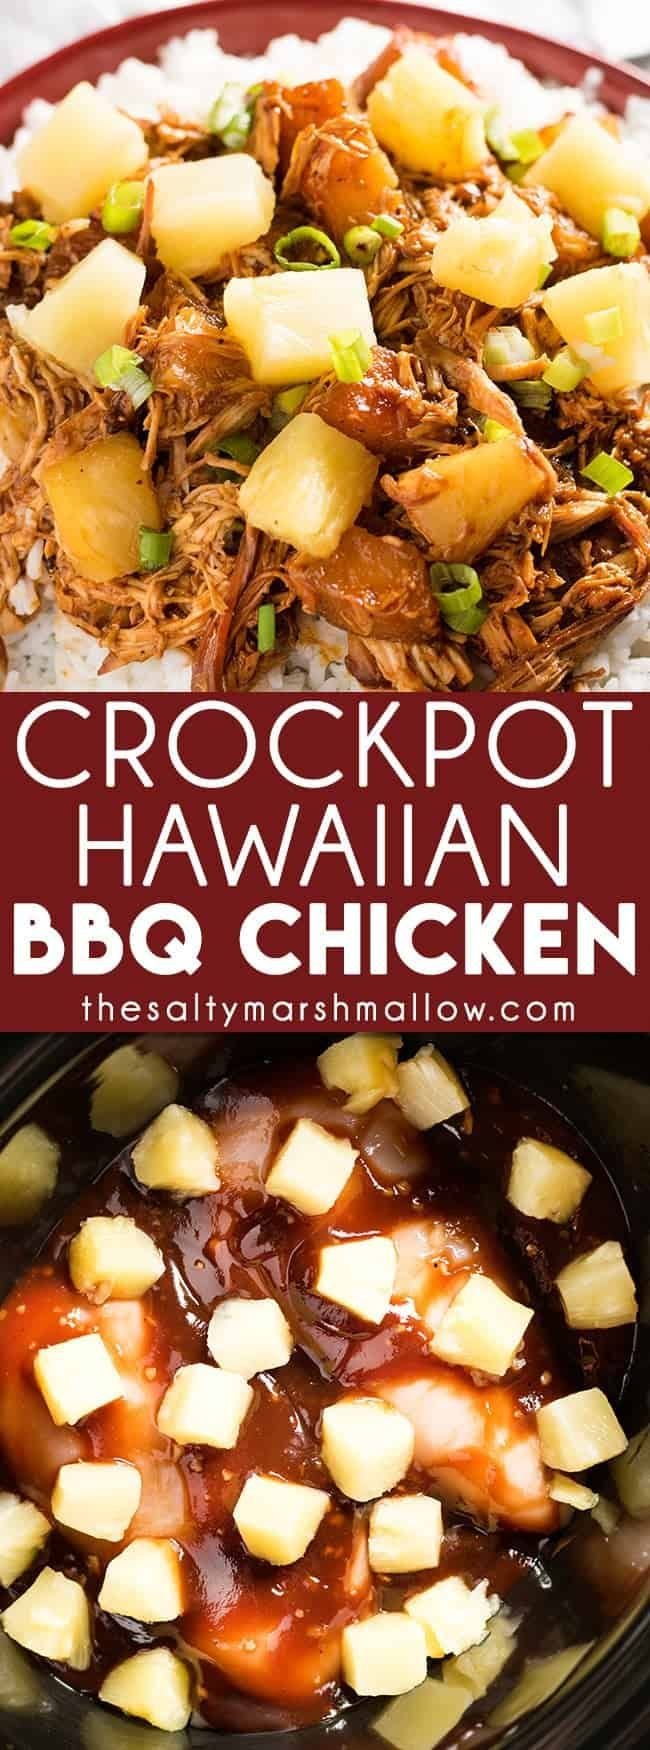 Crockpot Hawaiiaanse BBQ Kip,  #BBQ #Crockpot #dinnersummer #Hawaiiaanse #Kip #hawaiianfoodrecipes